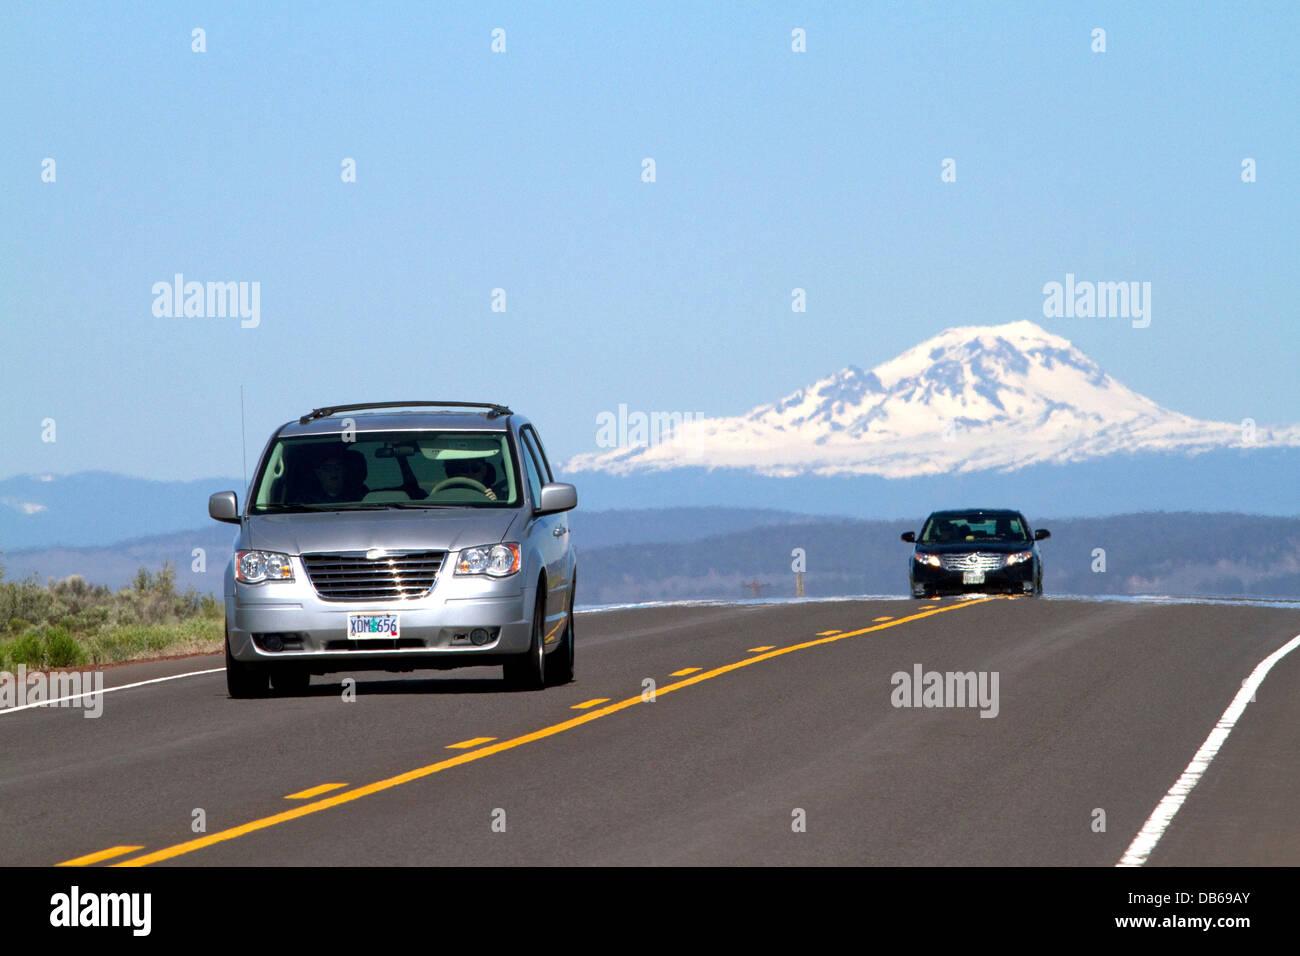 Autos fahren auf den U.S. Highway 20 östlich von Bend, Oregon, USA. Stockbild